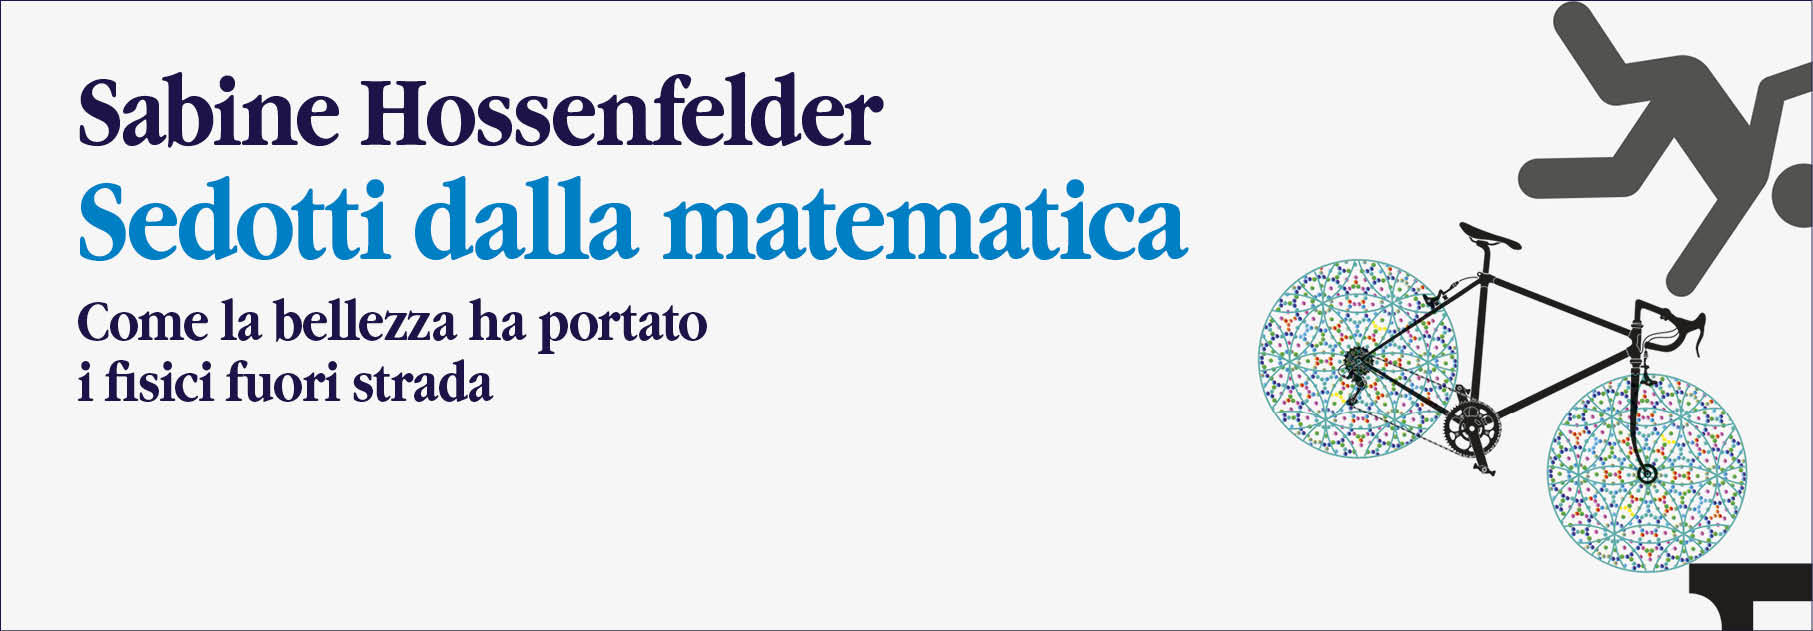 Sabine Hossenfelder - Sedotti dalla matematica